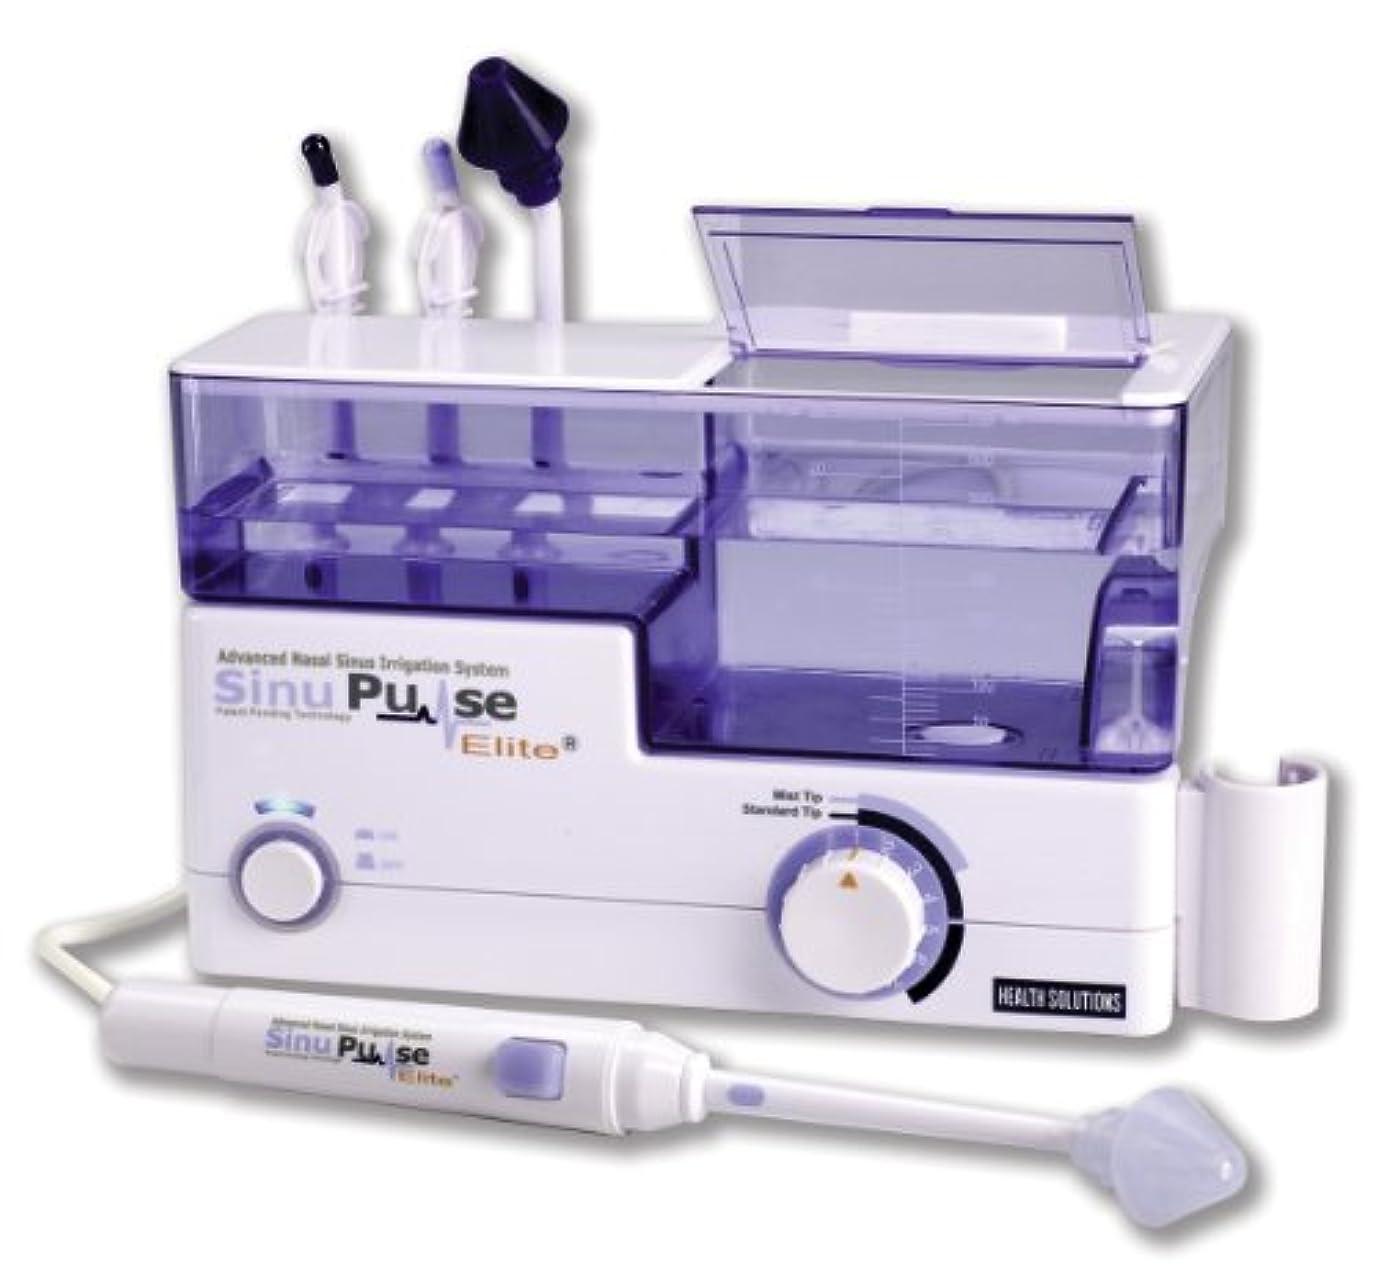 耐えられない不快なつかの間アメリカ生まれの電動 鼻洗浄器 サイヌパルス